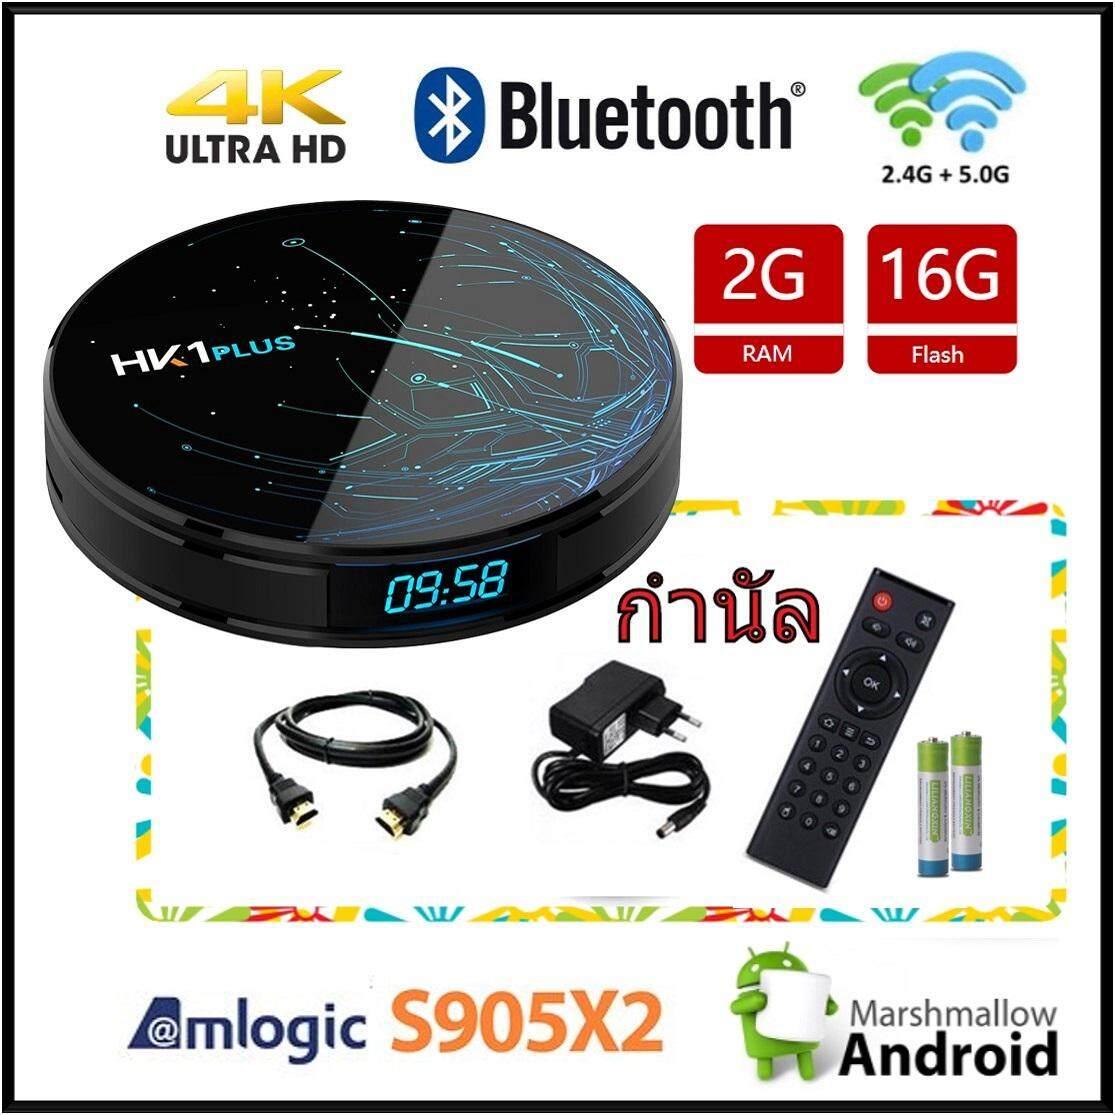 บัตรเครดิตซิตี้แบงก์ รีวอร์ด  พิจิตร Android Smart TV Box กล่องแอนดรอยด์รุ่นใหม่ปี 2019 HK1 PLUS แรม2GB/16GB S905X2 android 8.1+แอพดูฟรีทีวีออนไลน์ ละคร ย้อนหลัง ฟังเพลง ยูทูป กูเกิล เฟซบุ๊ค + (สาย HDMI+รีโมท+ถ่านพานาโซนิคอัลคาไลน์ 2 ก้อน+คู่มือติดตั้งไทย)